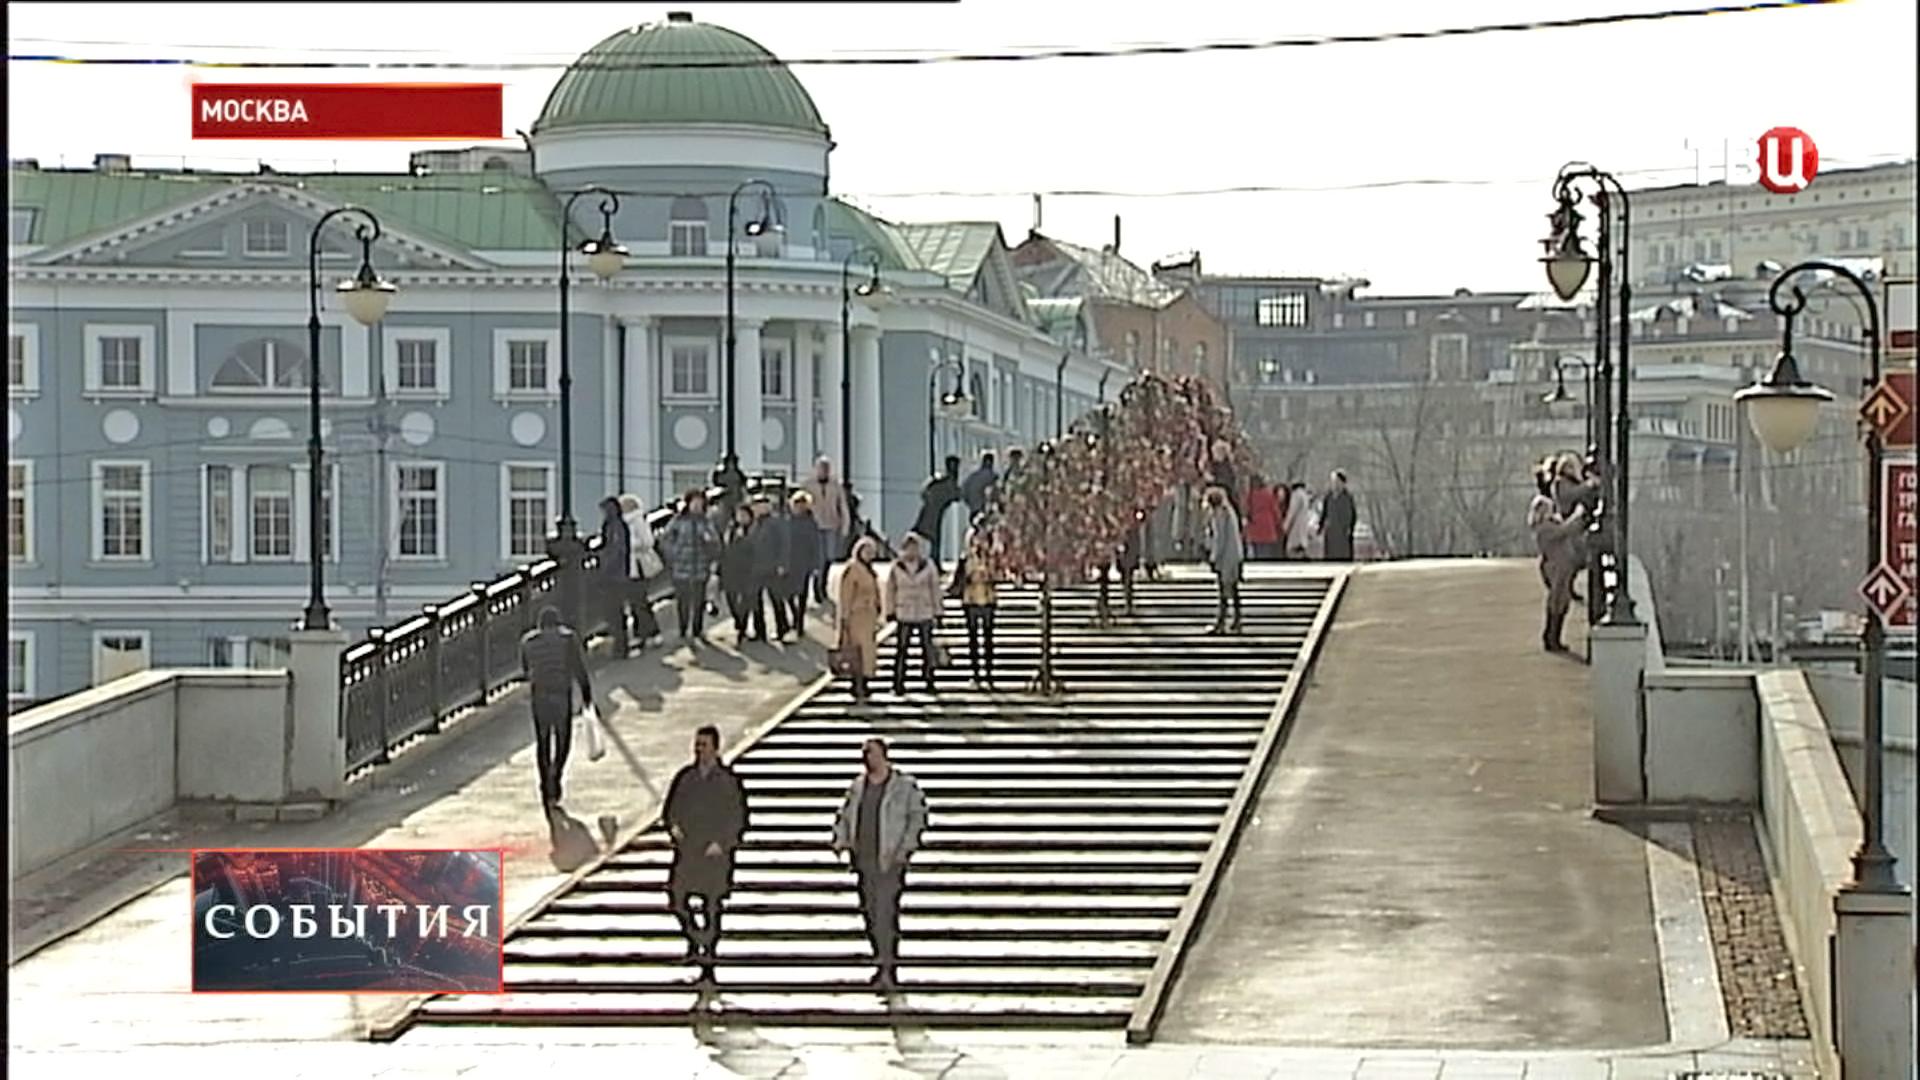 Набережная в Москве